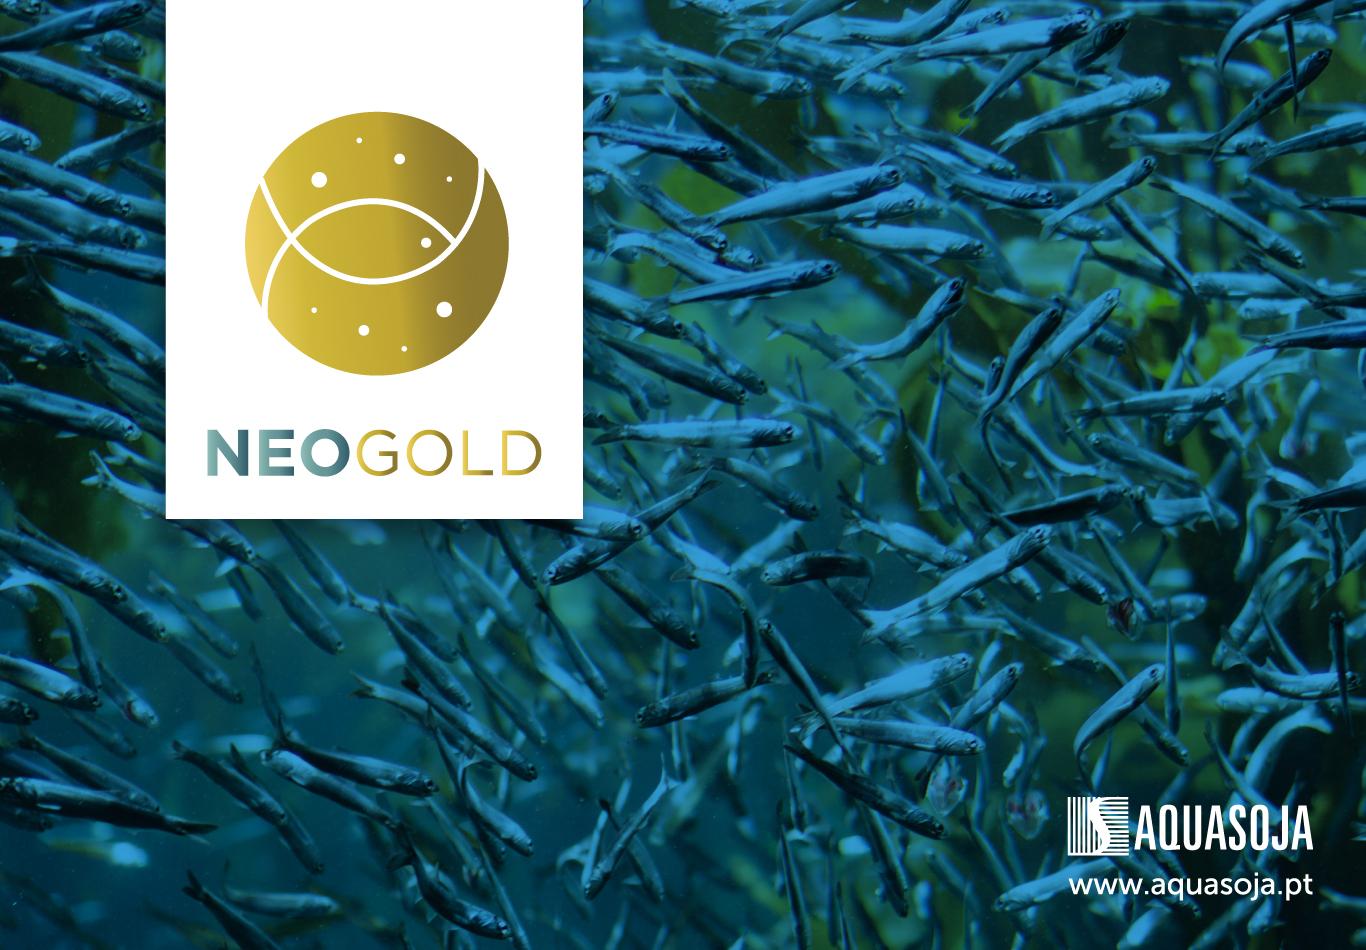 Aquasoja lança nova linha de produtos Neogold